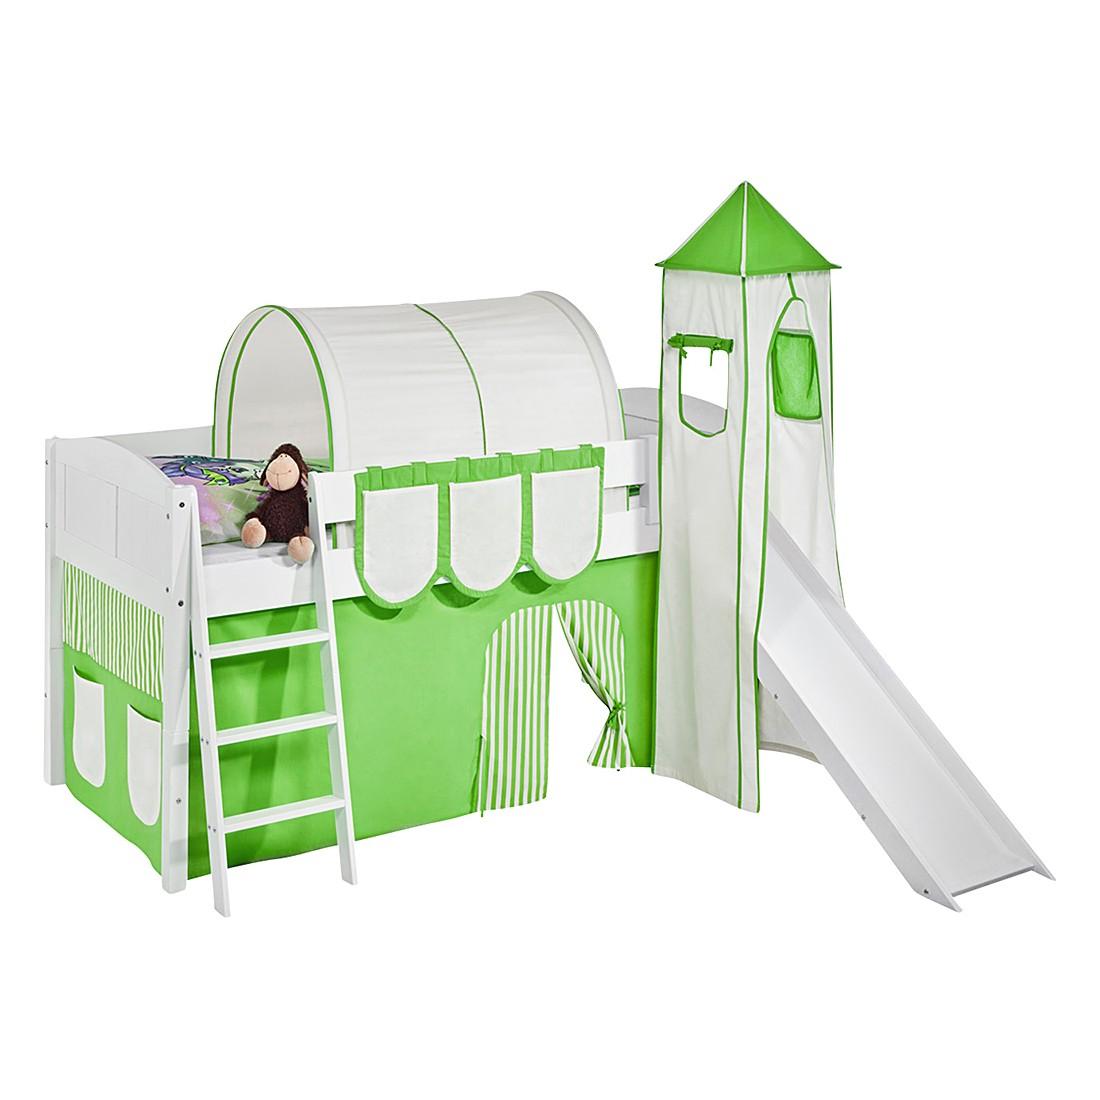 Spielbett IDA 4106 Grün Beige – Teilbares Systemhochbett LILOKIDS – mit Turm und Rutsche inkl. Vorhang – weiß, Lilokids jetzt kaufen